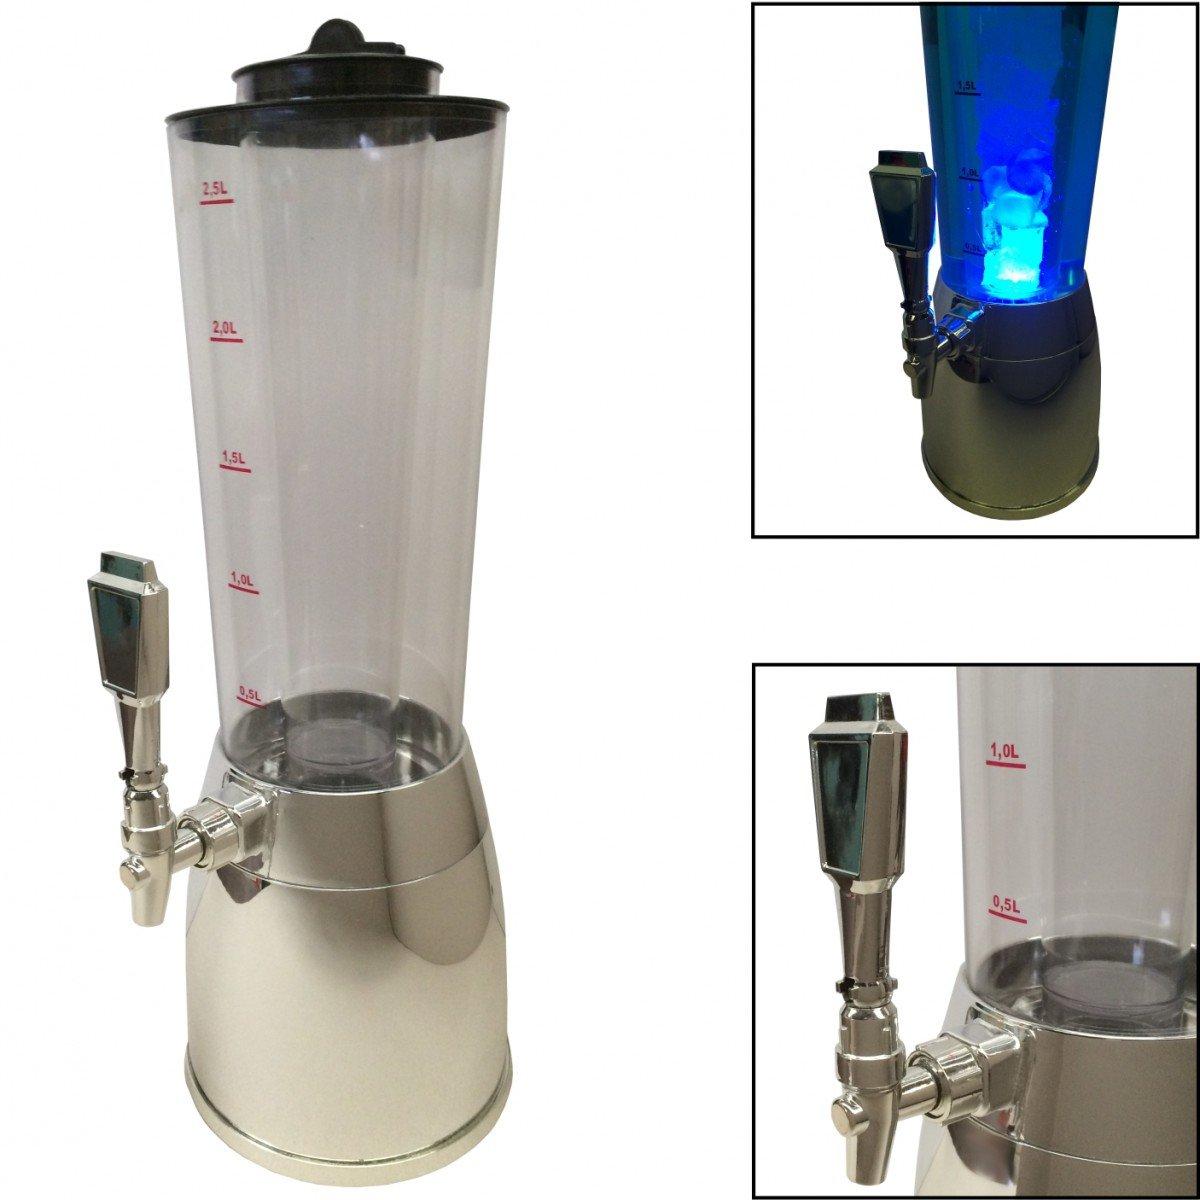 Getränkesäule 4 L Liter Biersäule Biertower mit Kühlröhre und LED Beleuchtung